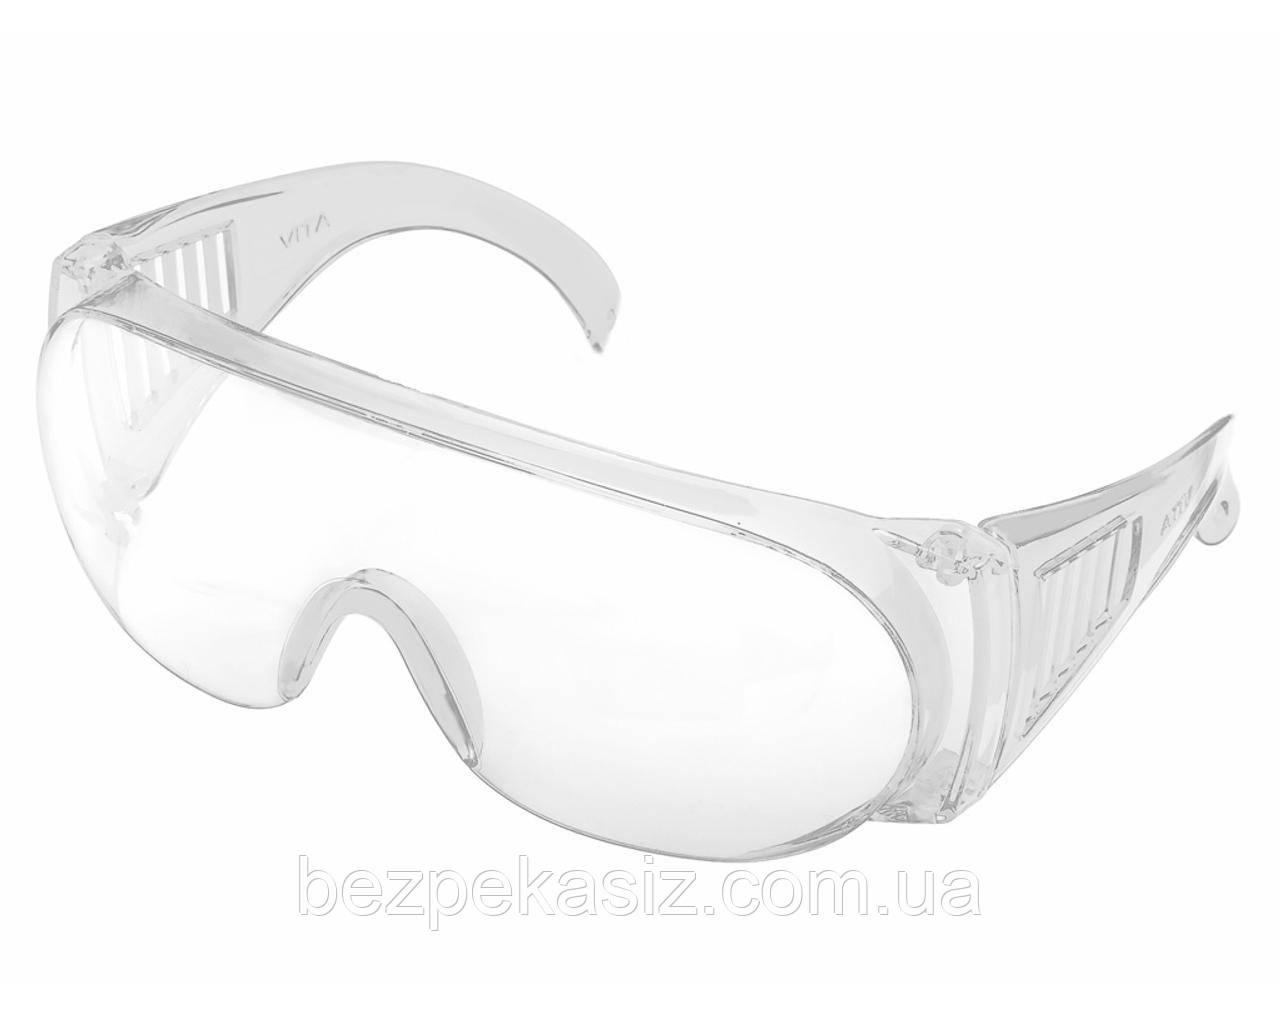 Очки защитные Озон прозрачные